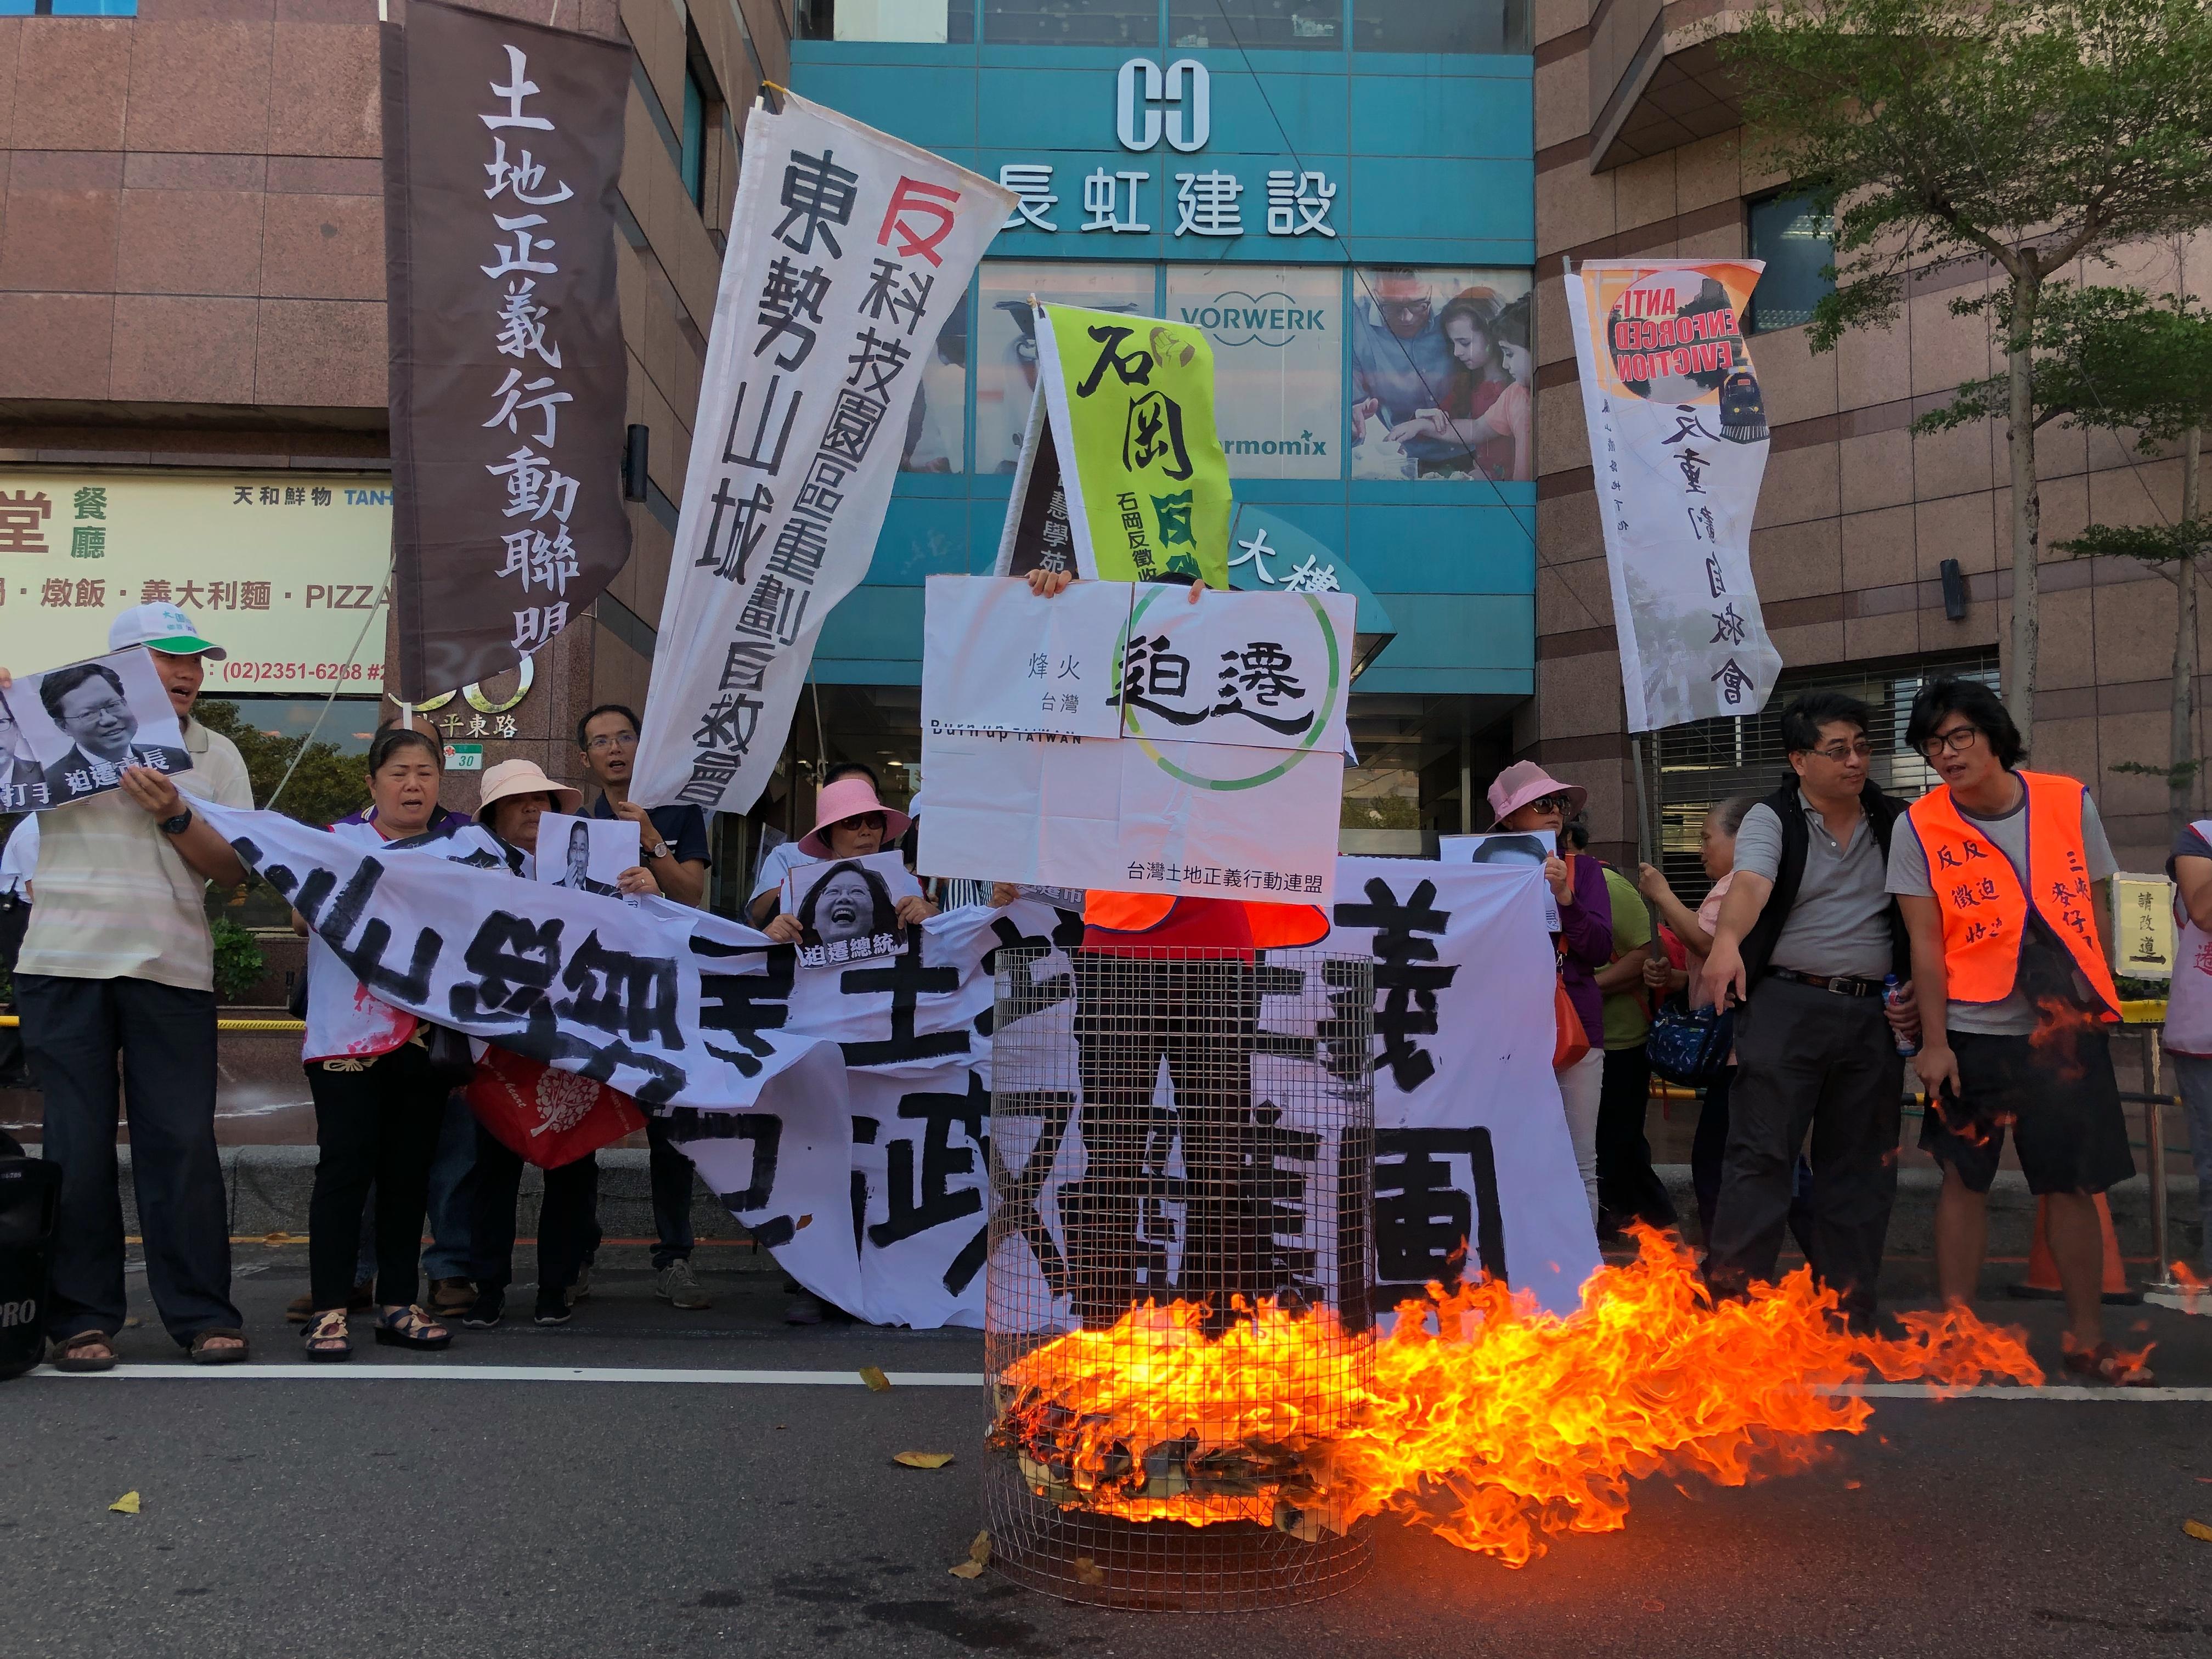 台灣土地正義聯盟與全台迫遷案自救會在民進黨部前焚燒金紙,向蔡英文「宣戰」。(攝影:王顥中)